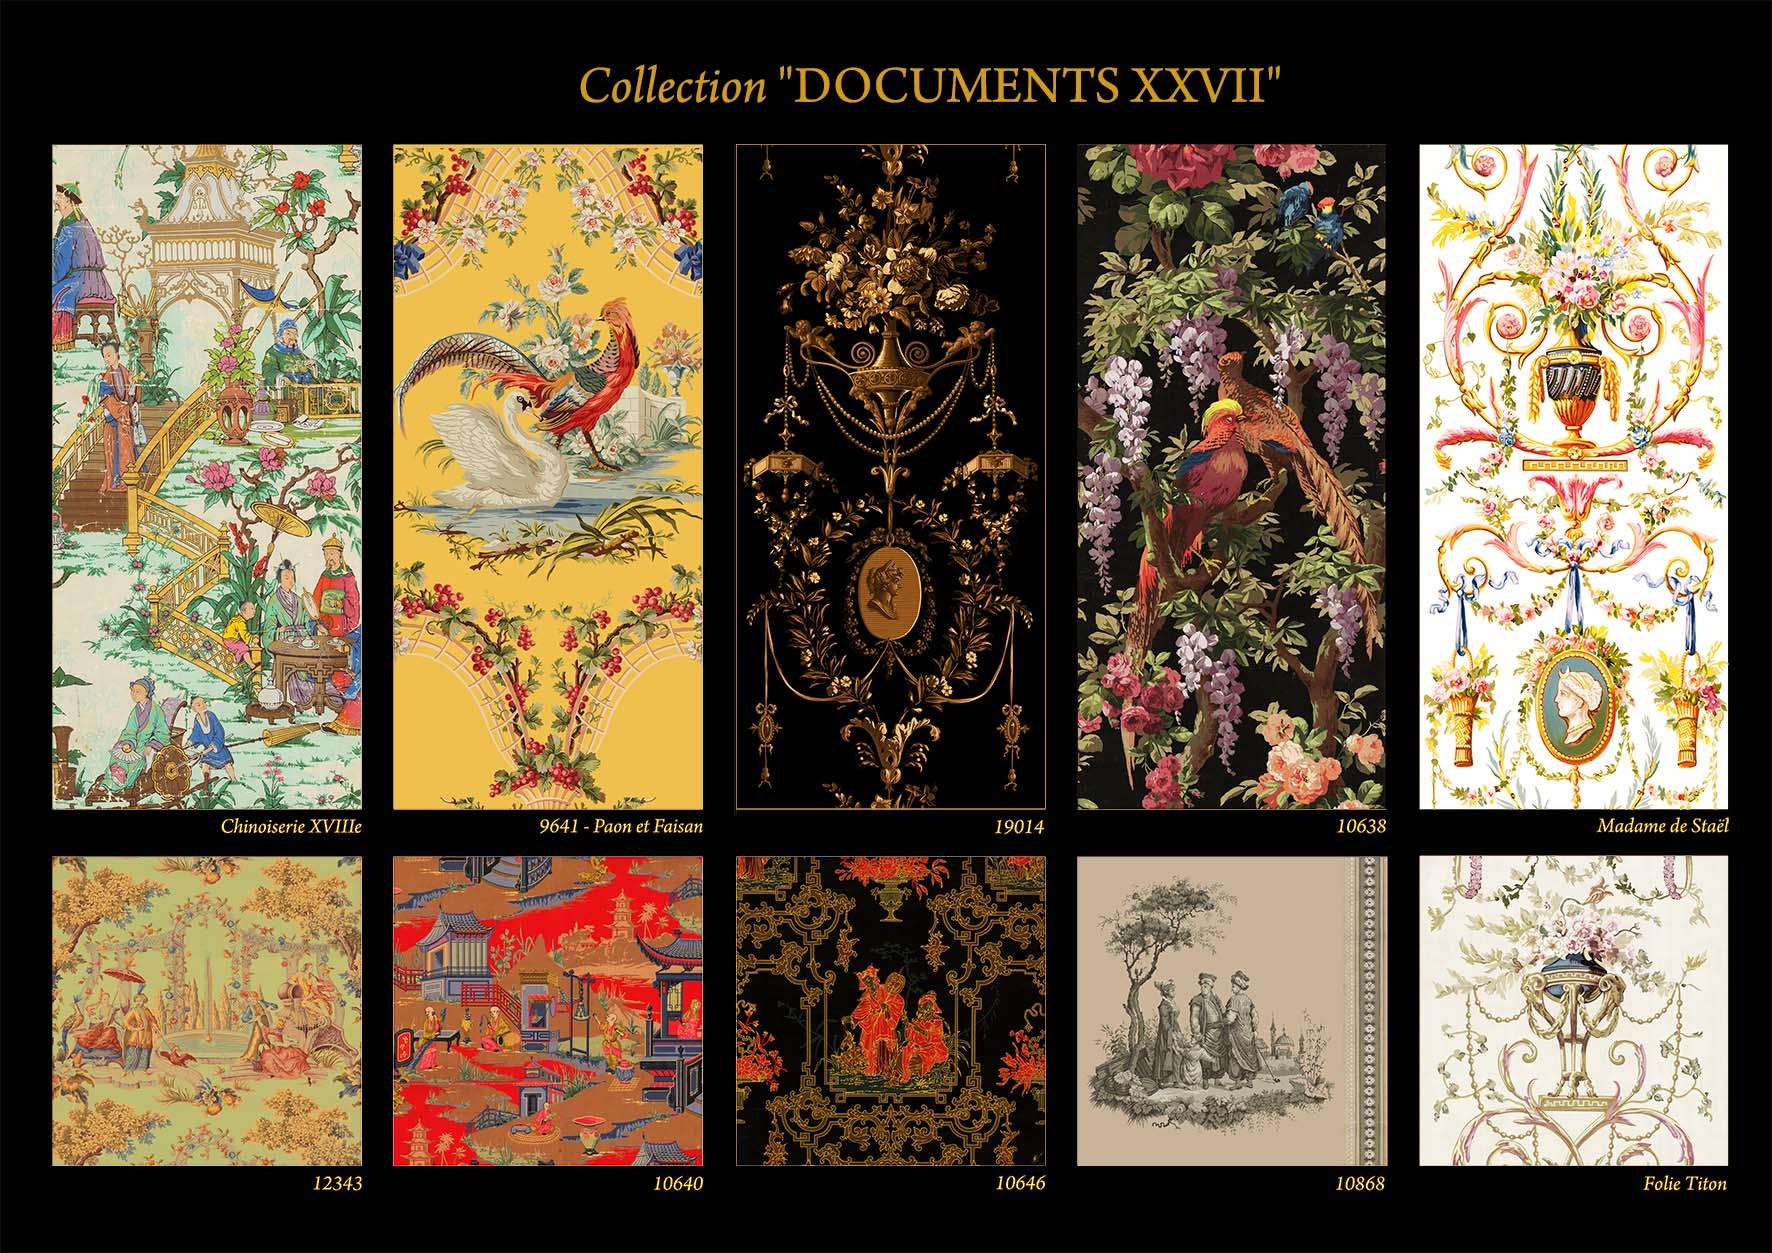 Documents XXVII